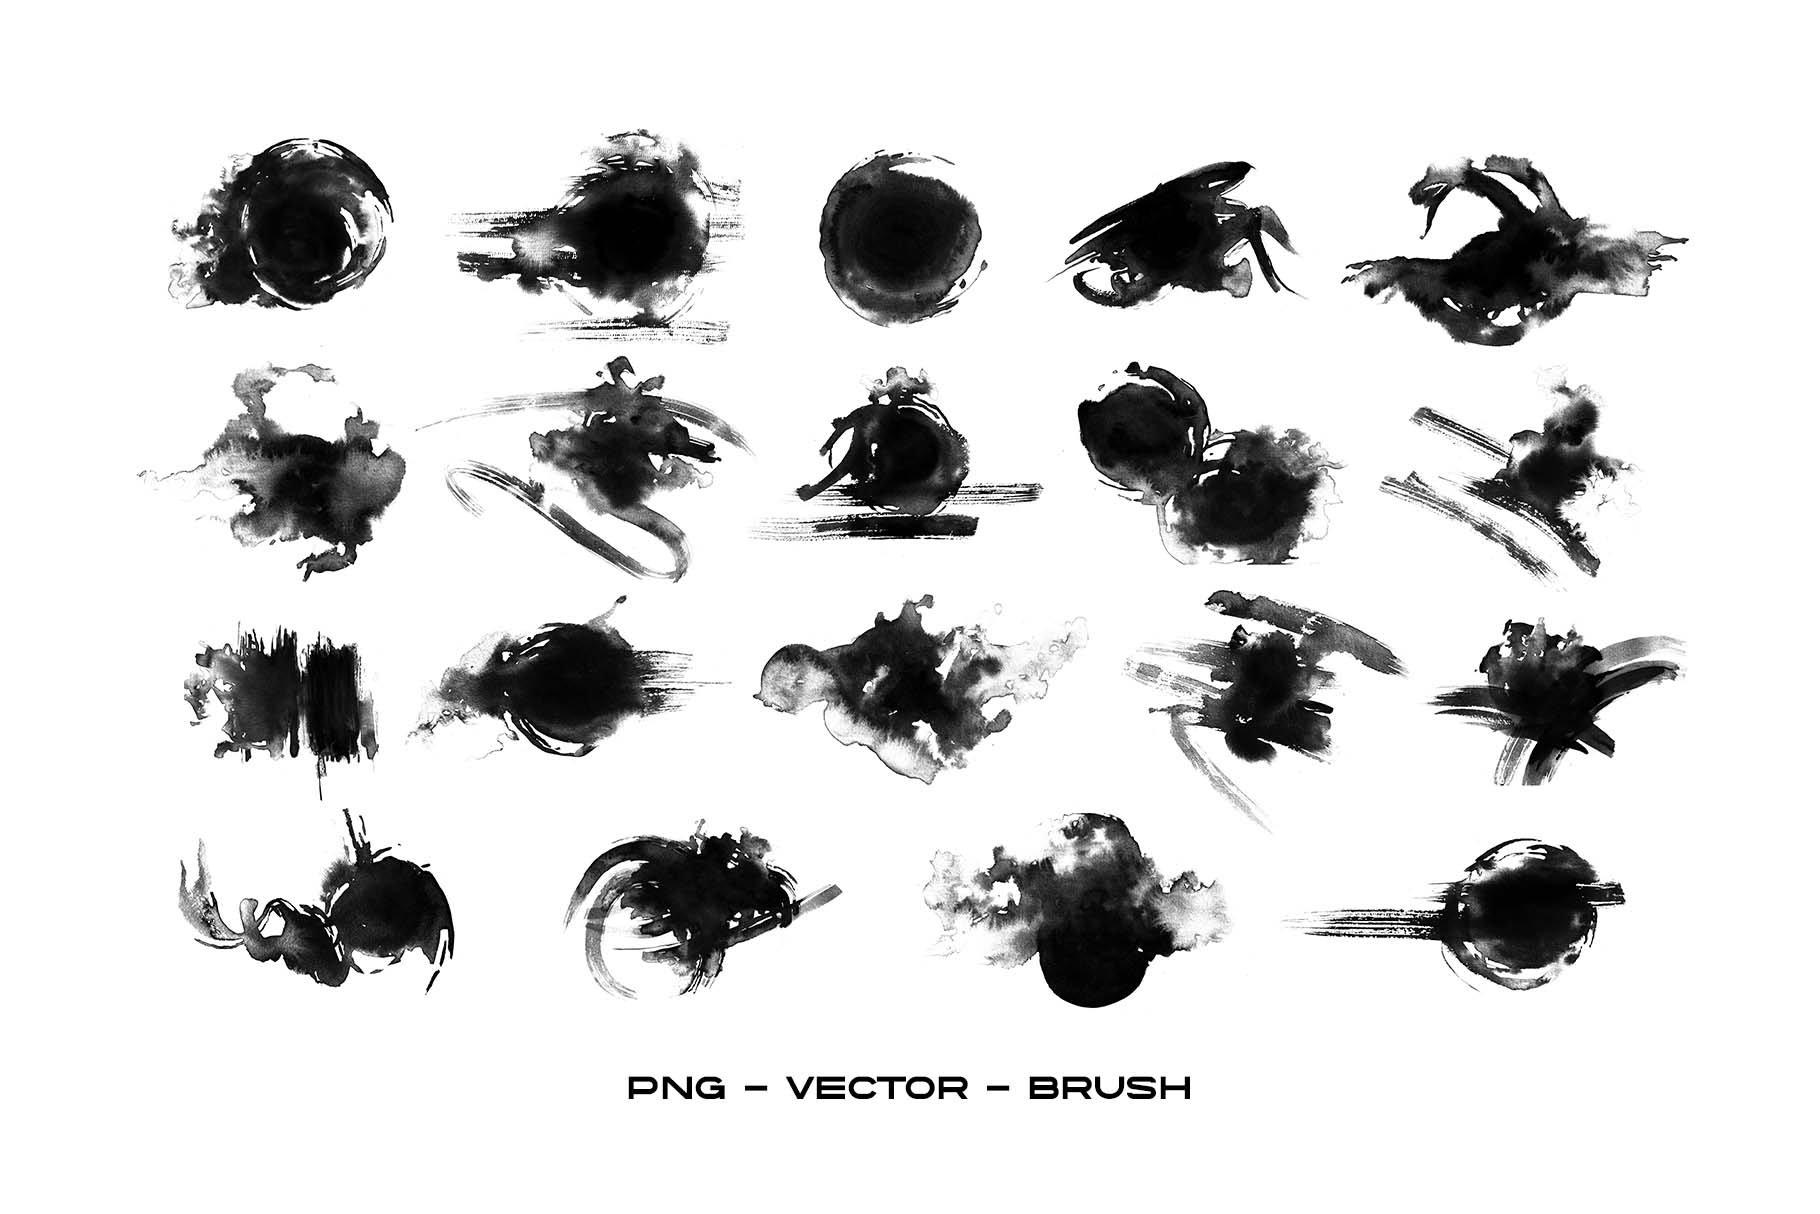 19款抽象中国风水墨毛笔笔刷背景纹理PNG图片设计素材 Ink Brush Stroke for Photo Overlay插图3